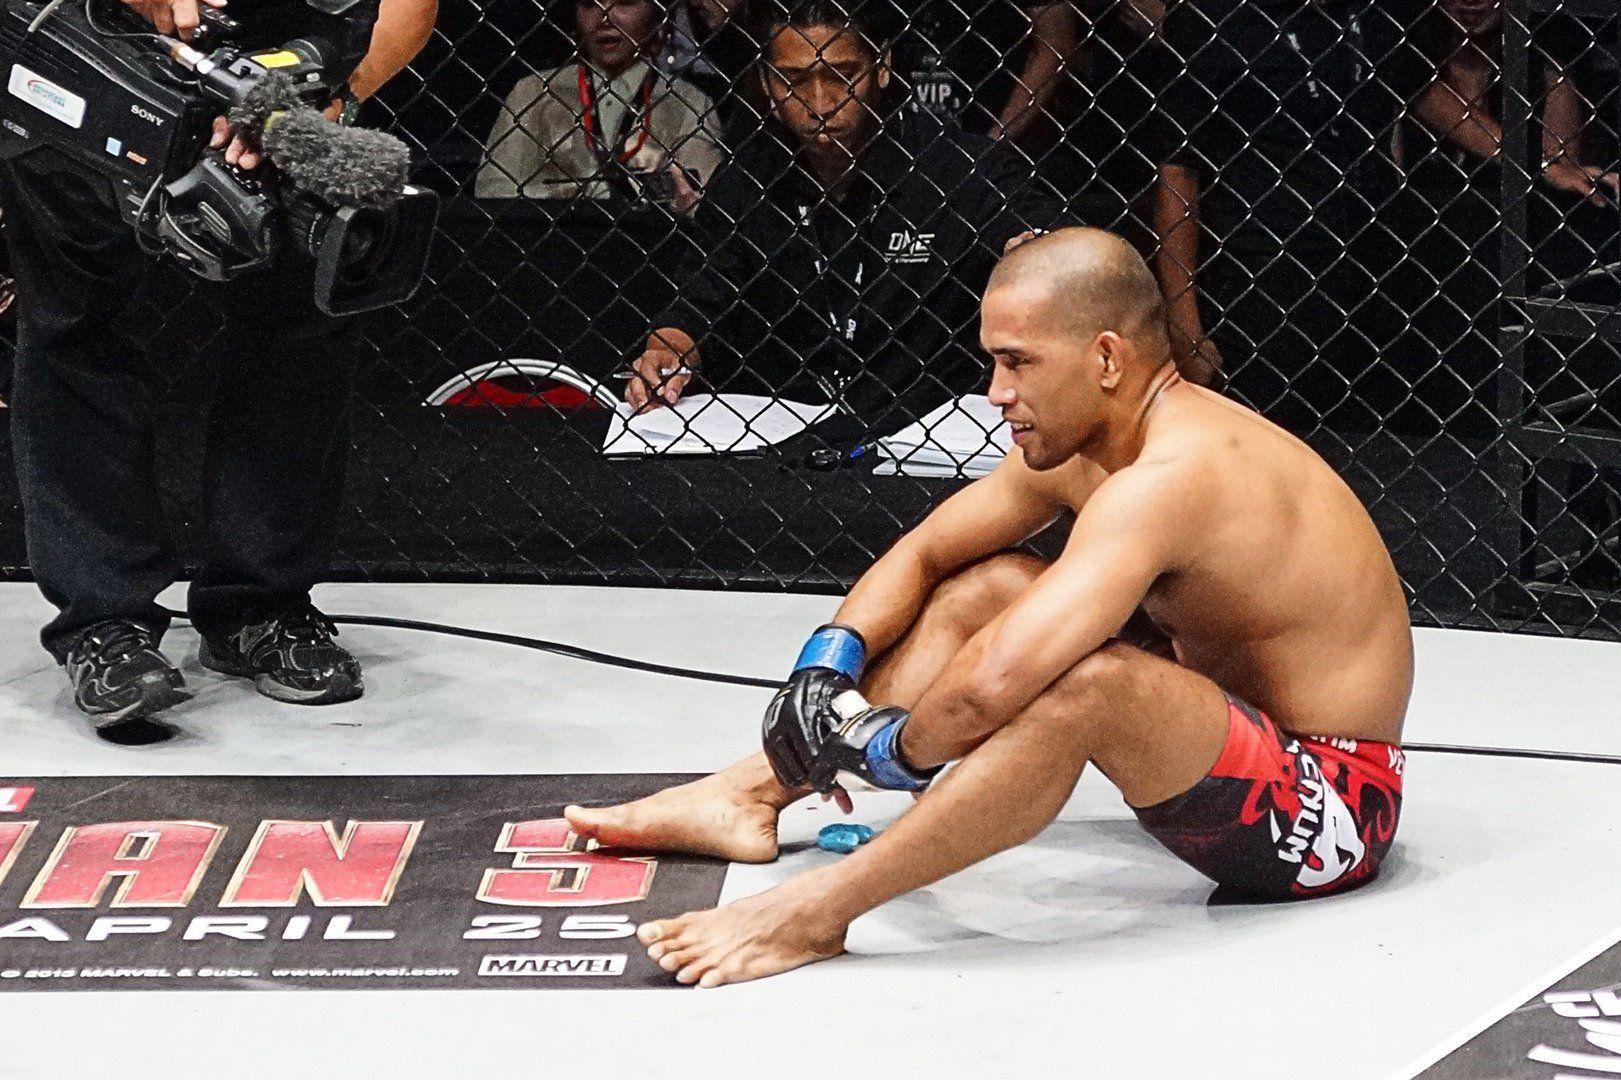 ケージに座るフィリピンの格闘家レネ・カタラン